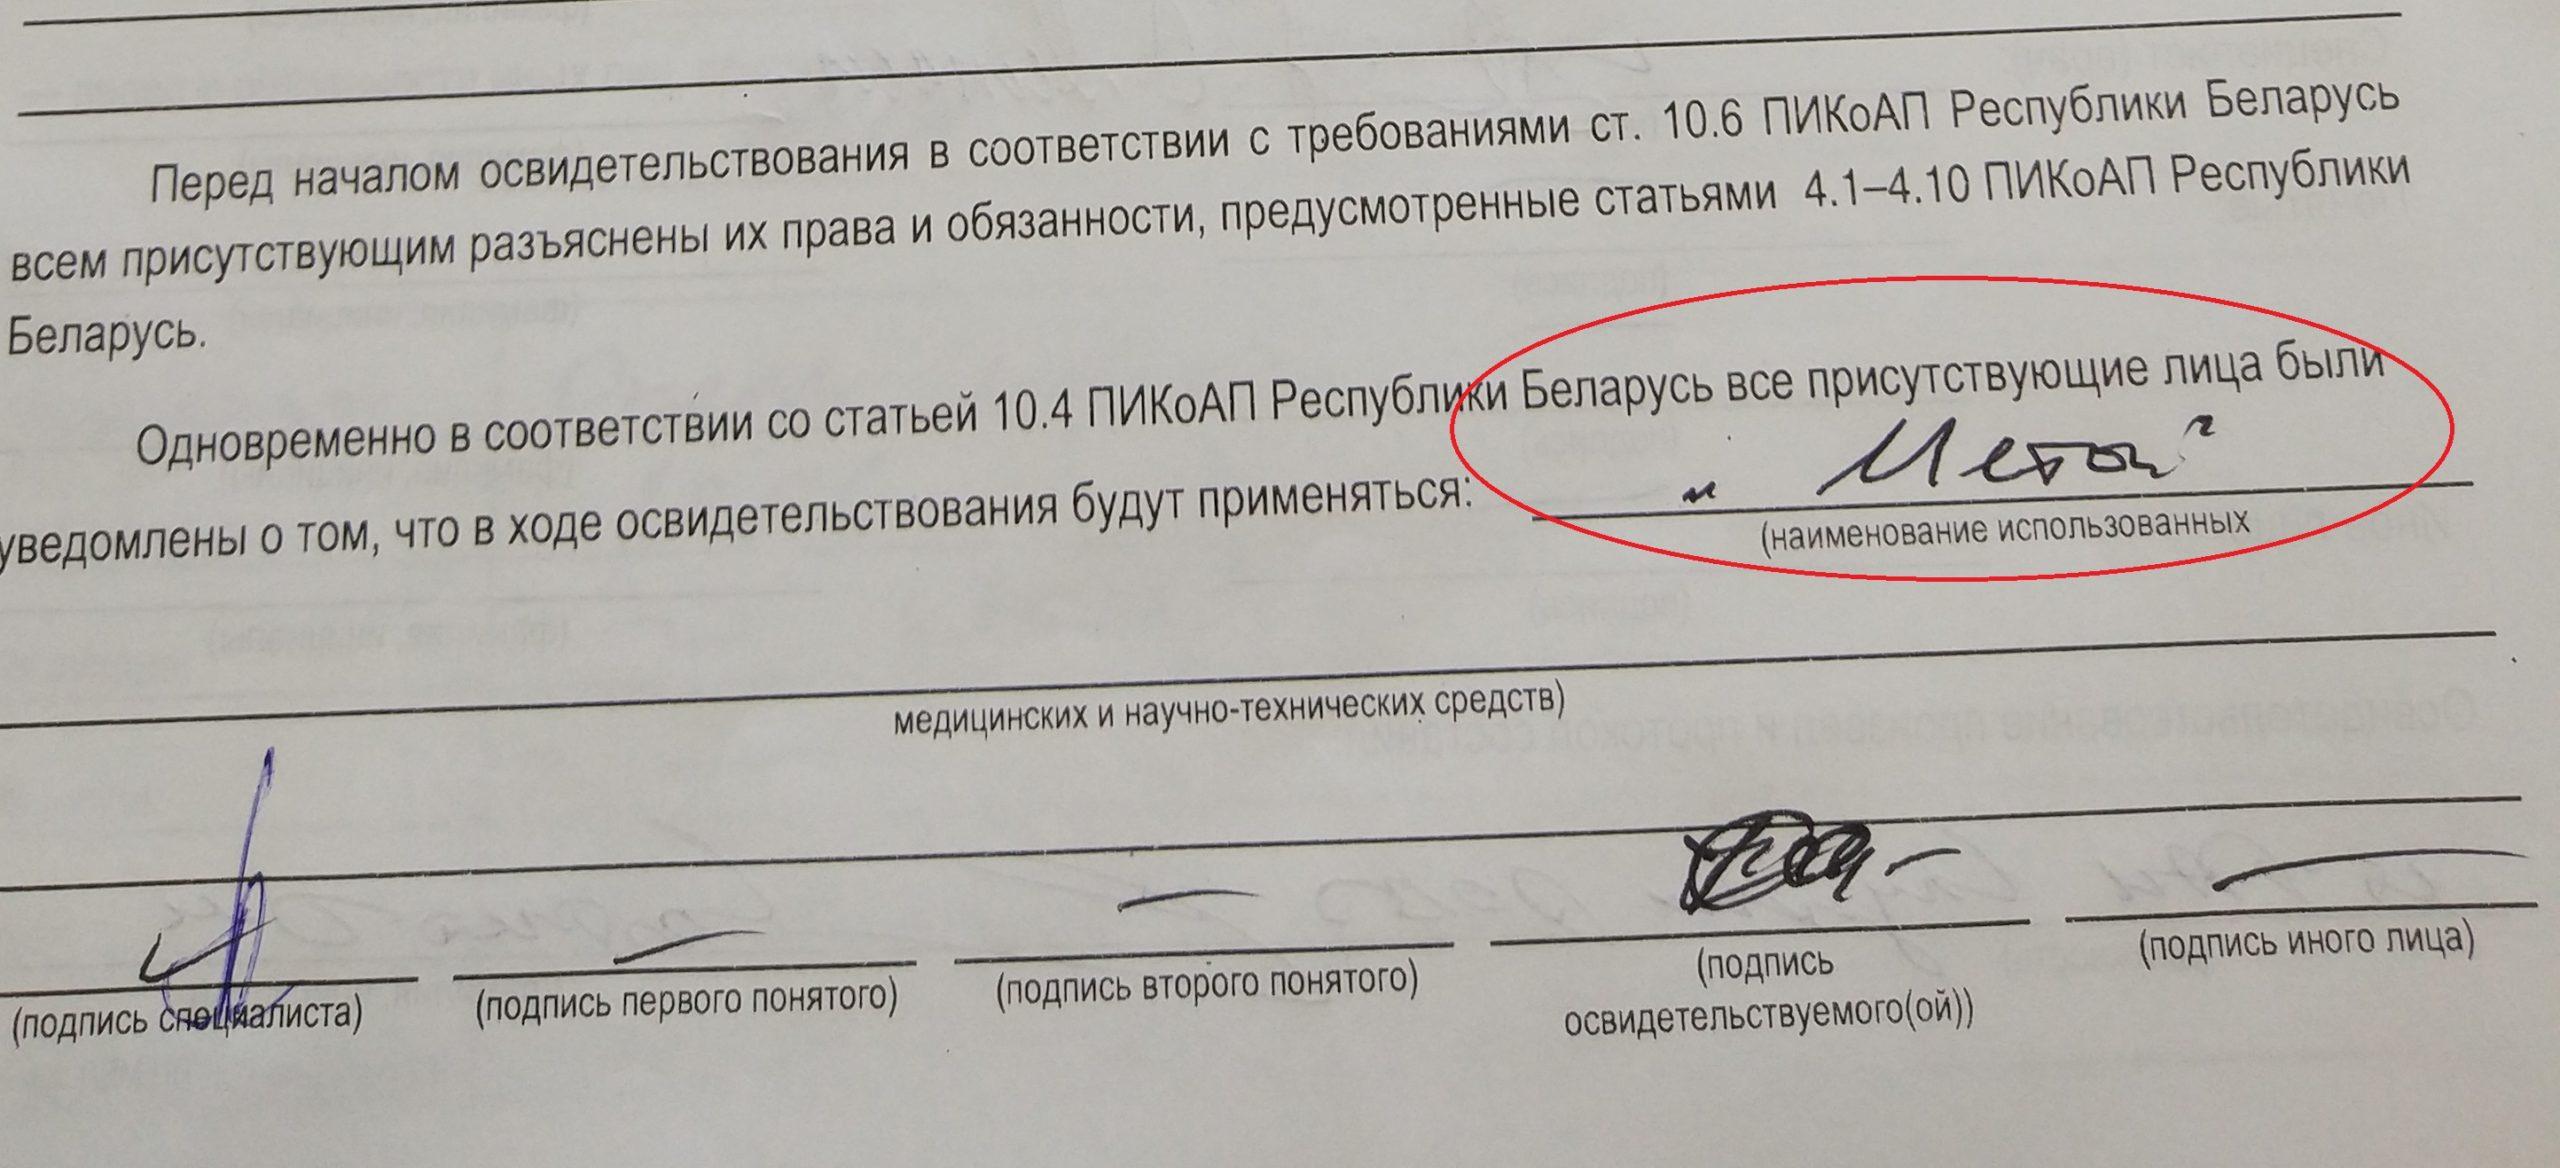 протокол освидетельствования по ч.3 ст.18.16 КоАП